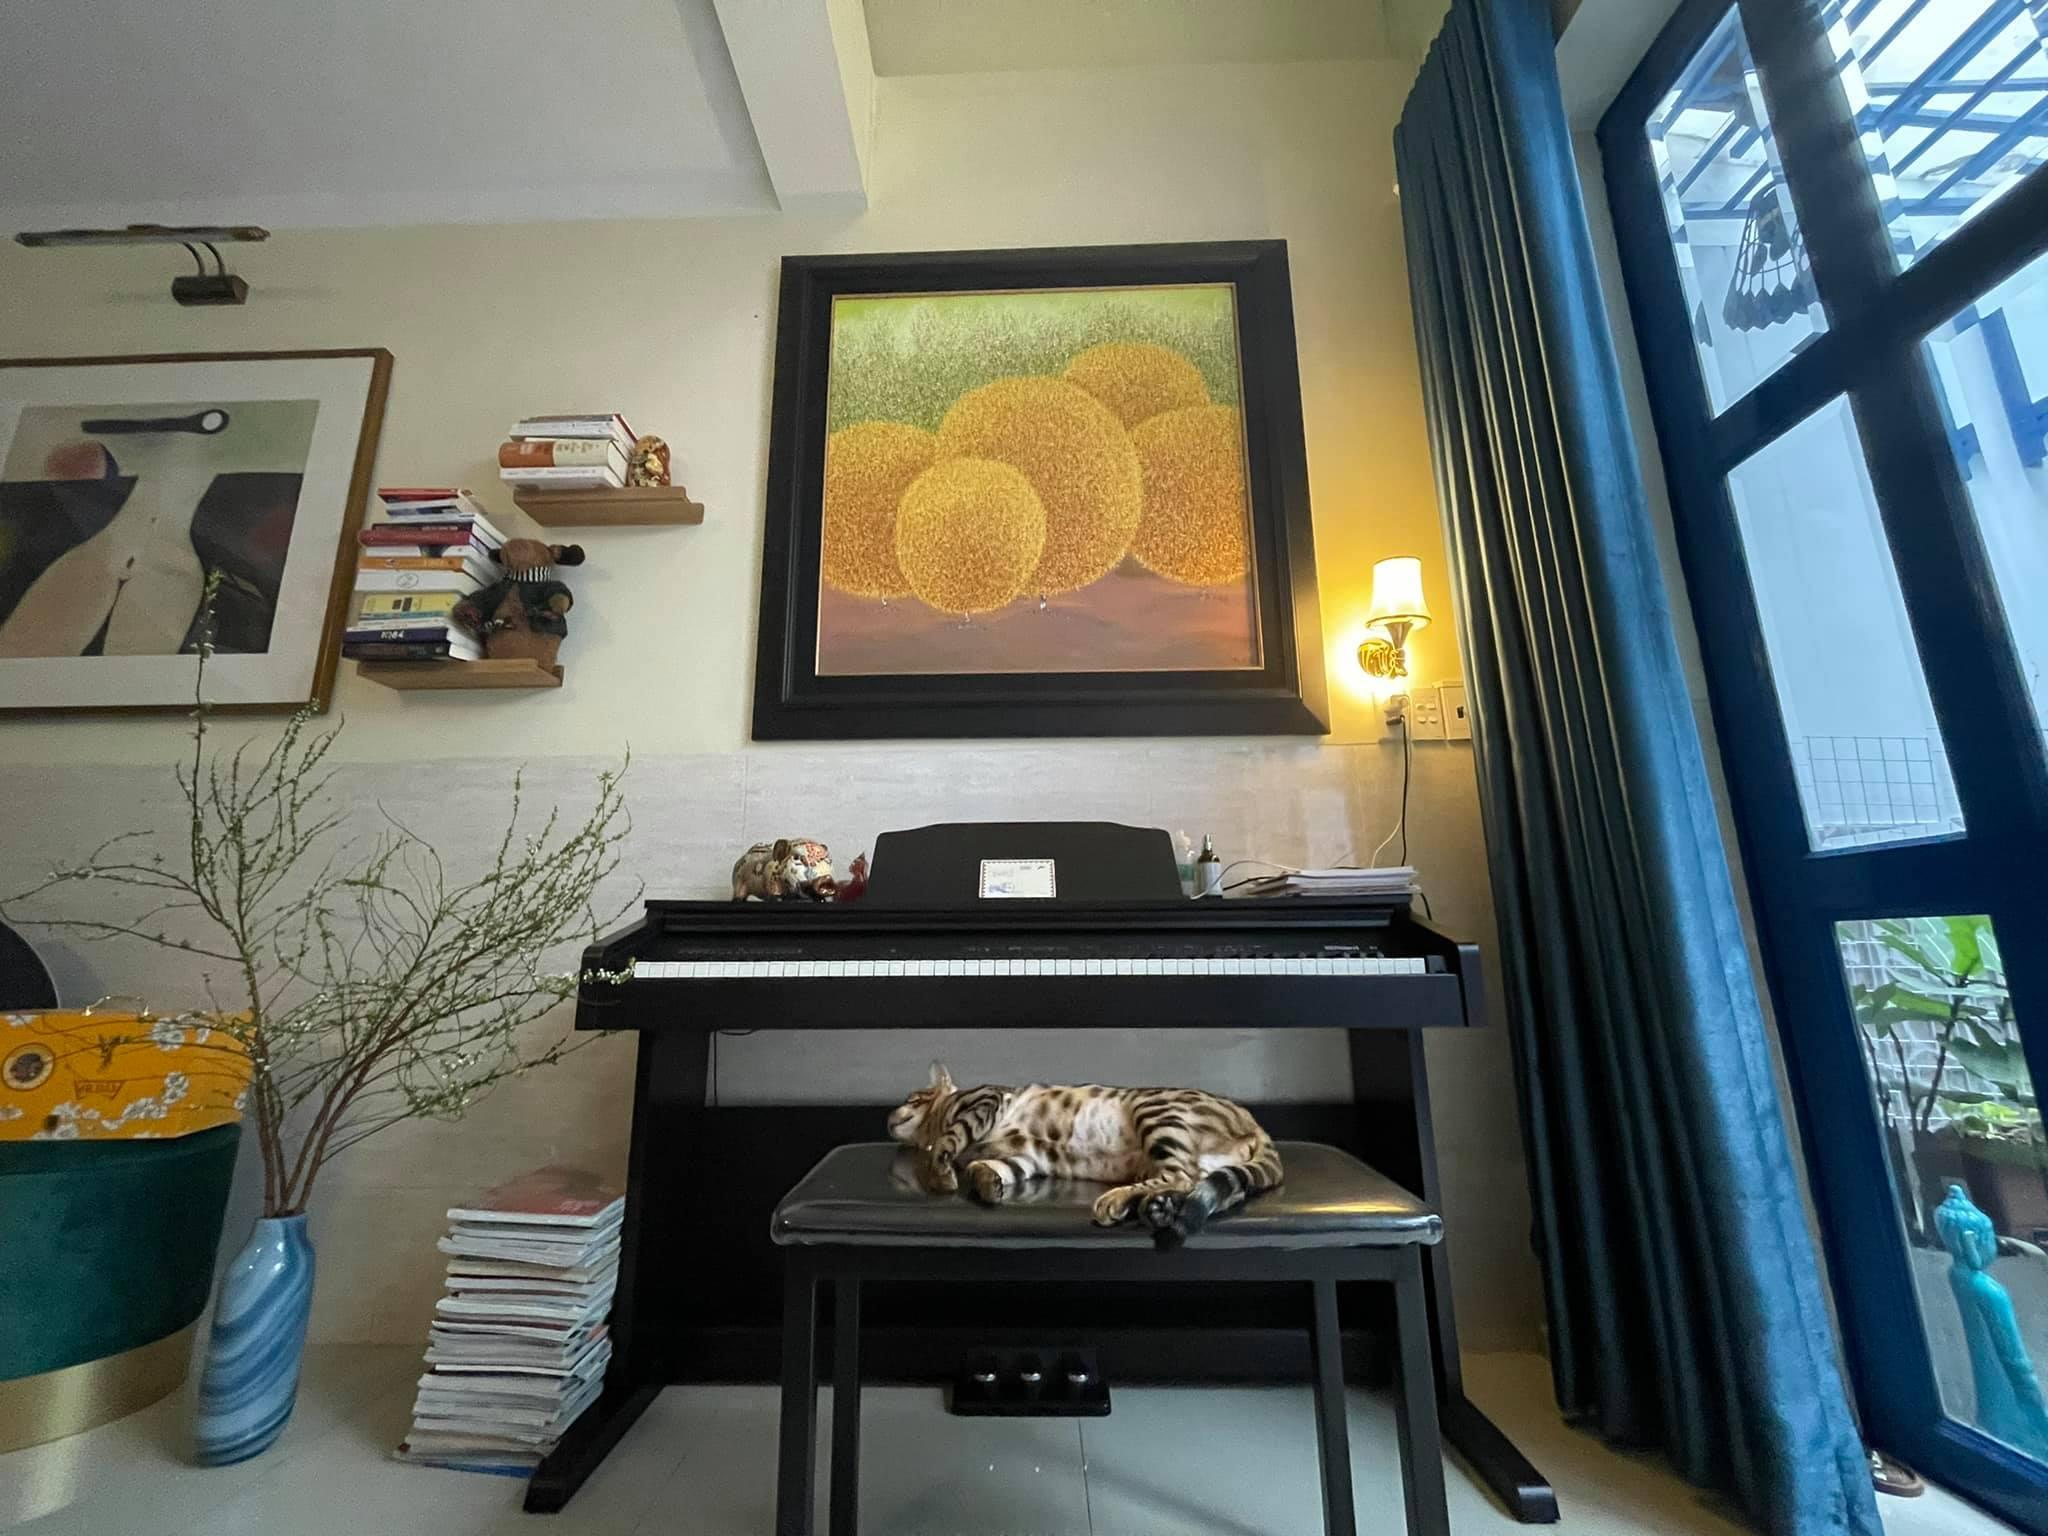 """Uyên Linh khoe nhà tối giản toàn tranh với mèo bình yên vô cùng, ai thích """"nghệ"""" cũng nên ngó qua thử xem! - Ảnh 5."""